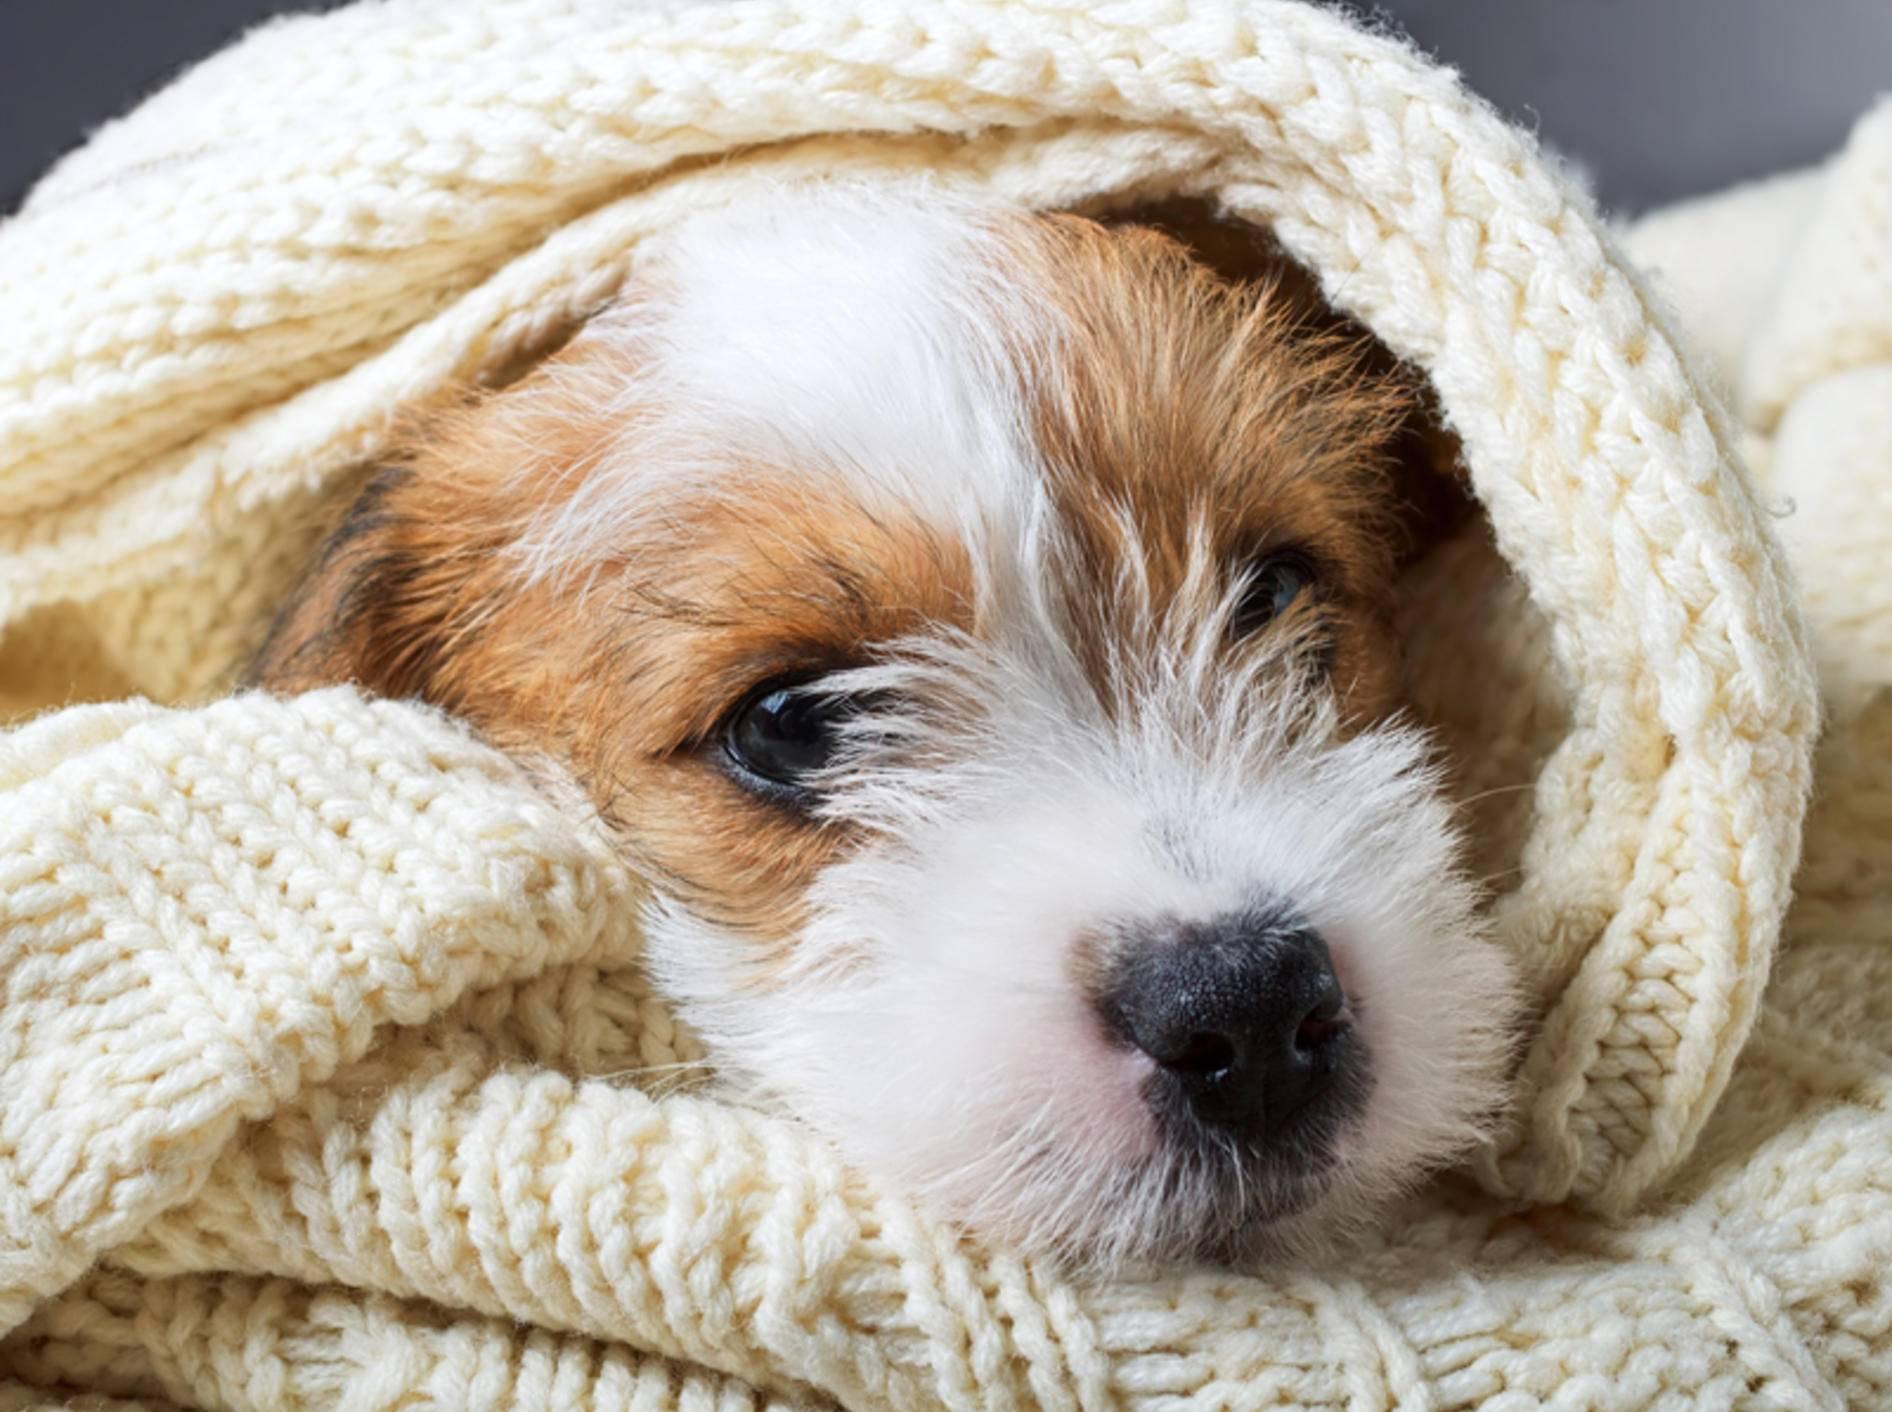 Wenn Ihr Hund sich plötzlich zurückzieht oder versteckt, ist er womöglich krank – Shutterstock / Sundays Photography